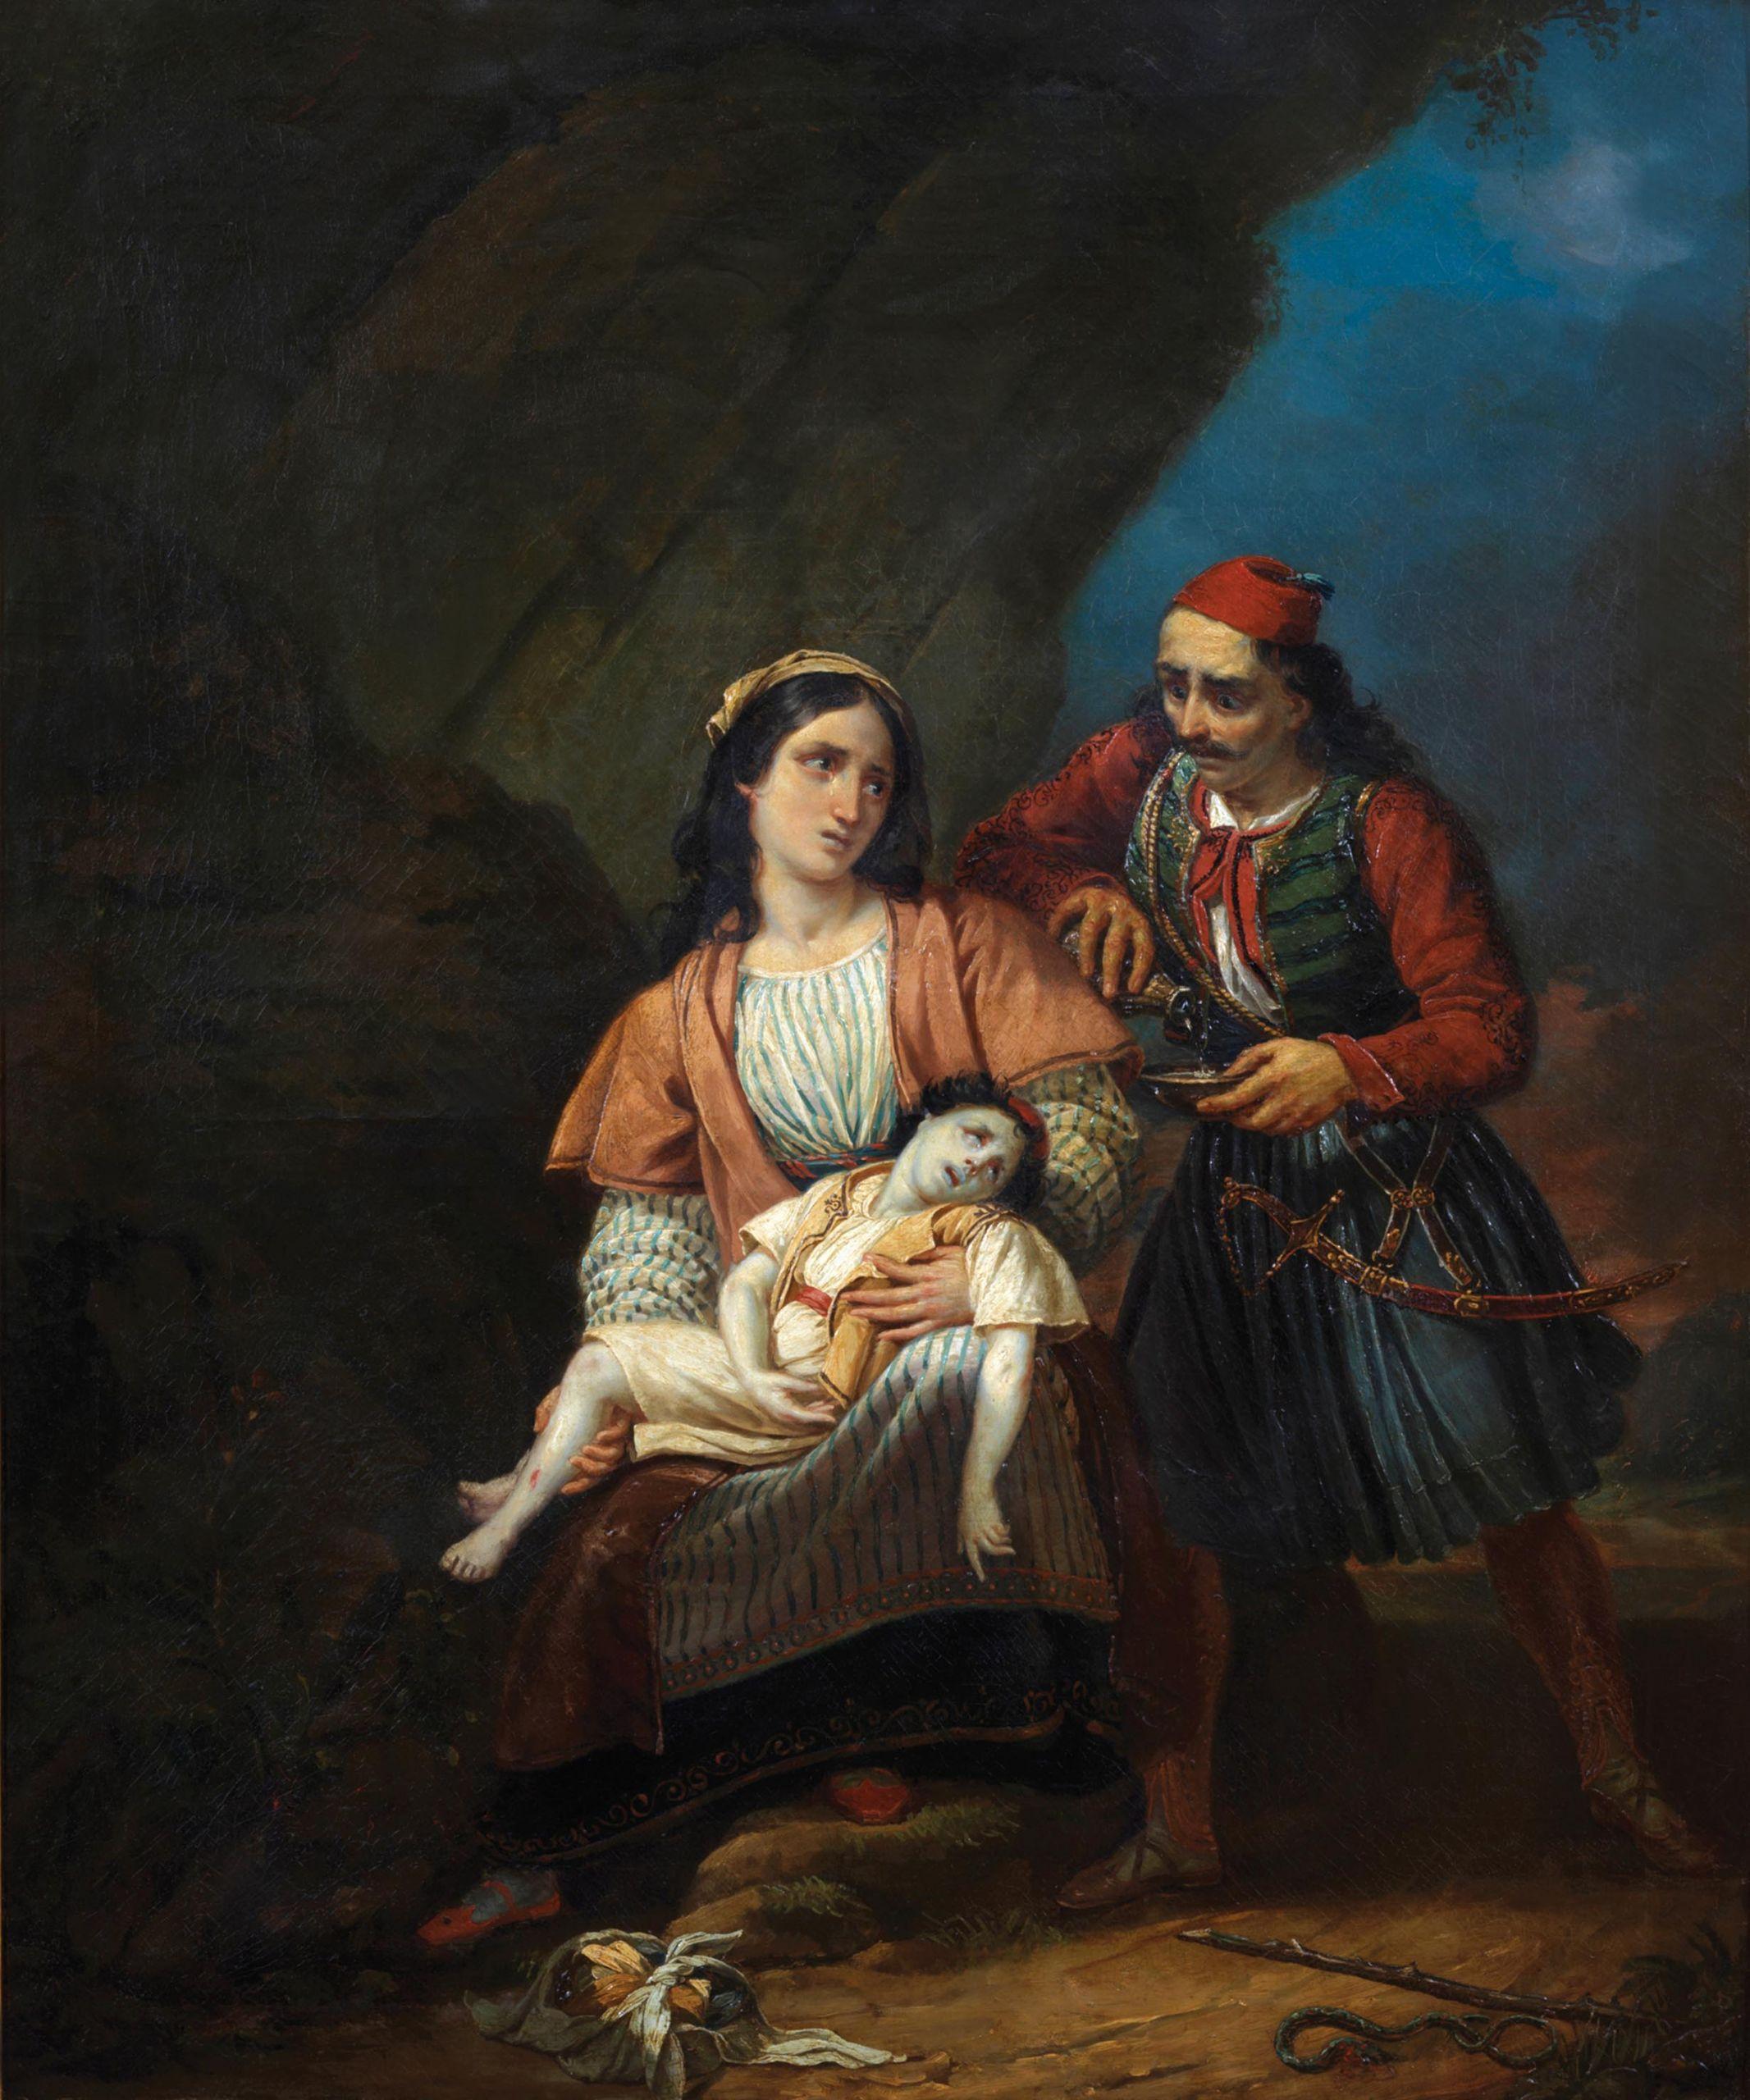 Ελληνίδα Μάνα με το νεκρό παιδί της, Αγνώστου, Γαλλικής σχολής, Α' μισό 19ου Αιώνα, Λάδι σε μουσαμά, 83 X 100 εκ., Συλλογή Μιχάλη και Δήμητρας Βαρκαράκη